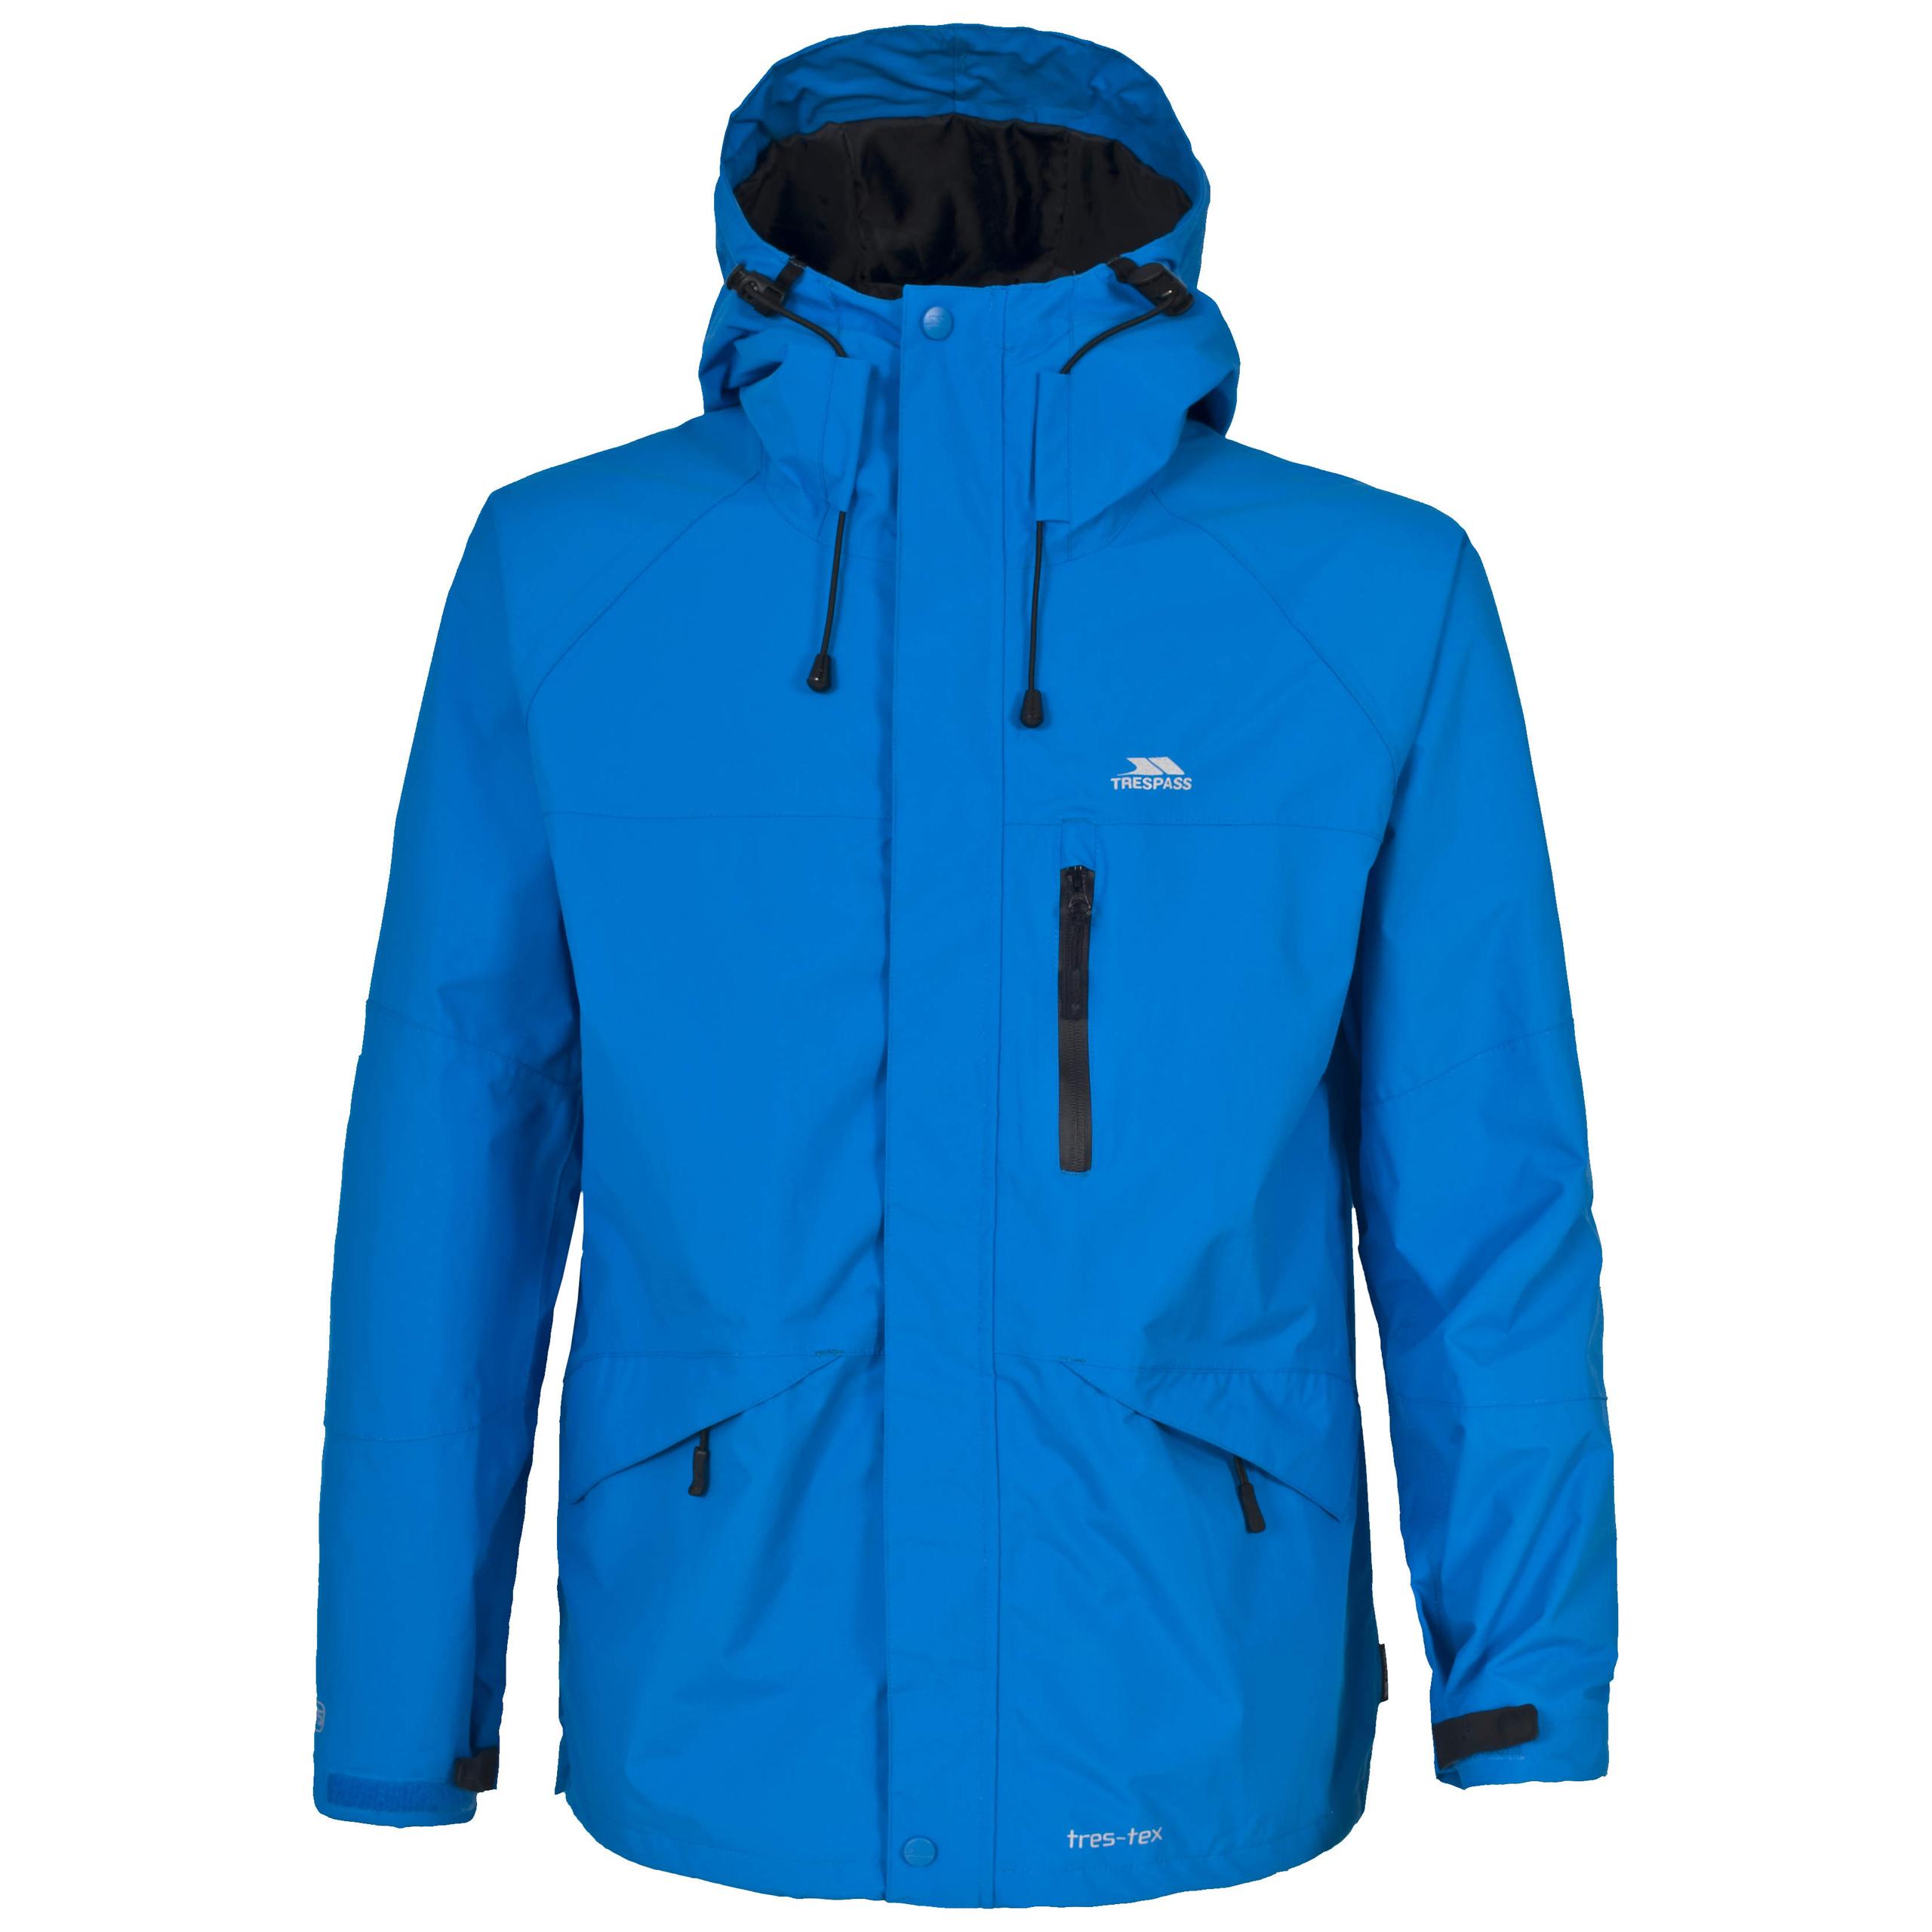 Trespass-Corvo-Homme-Veste-Impermeable-Coupe-vent-casual-impermeable-avec-capuche